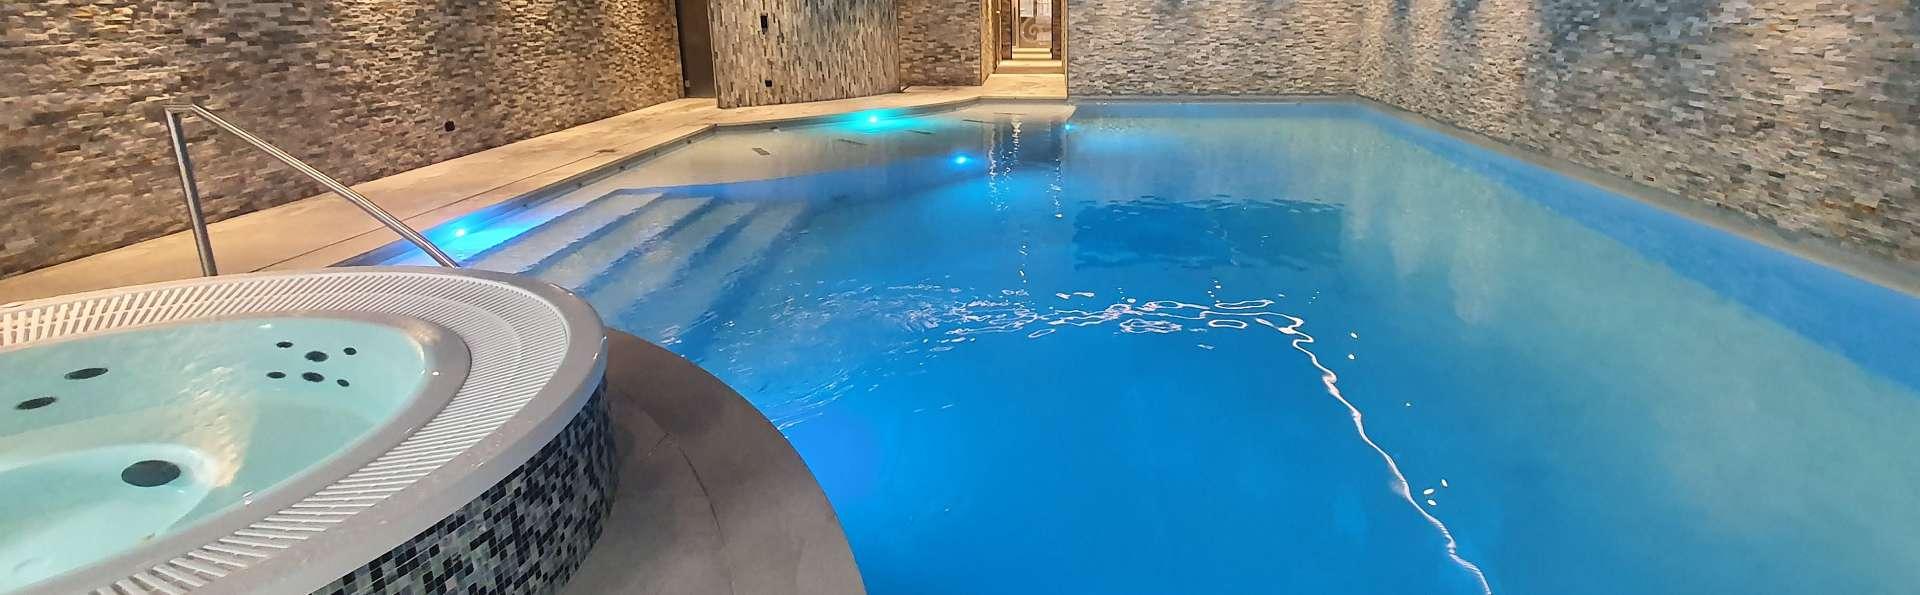 Hotel Nivelles-Sud Van der Valk - Piscina_interior.jpg